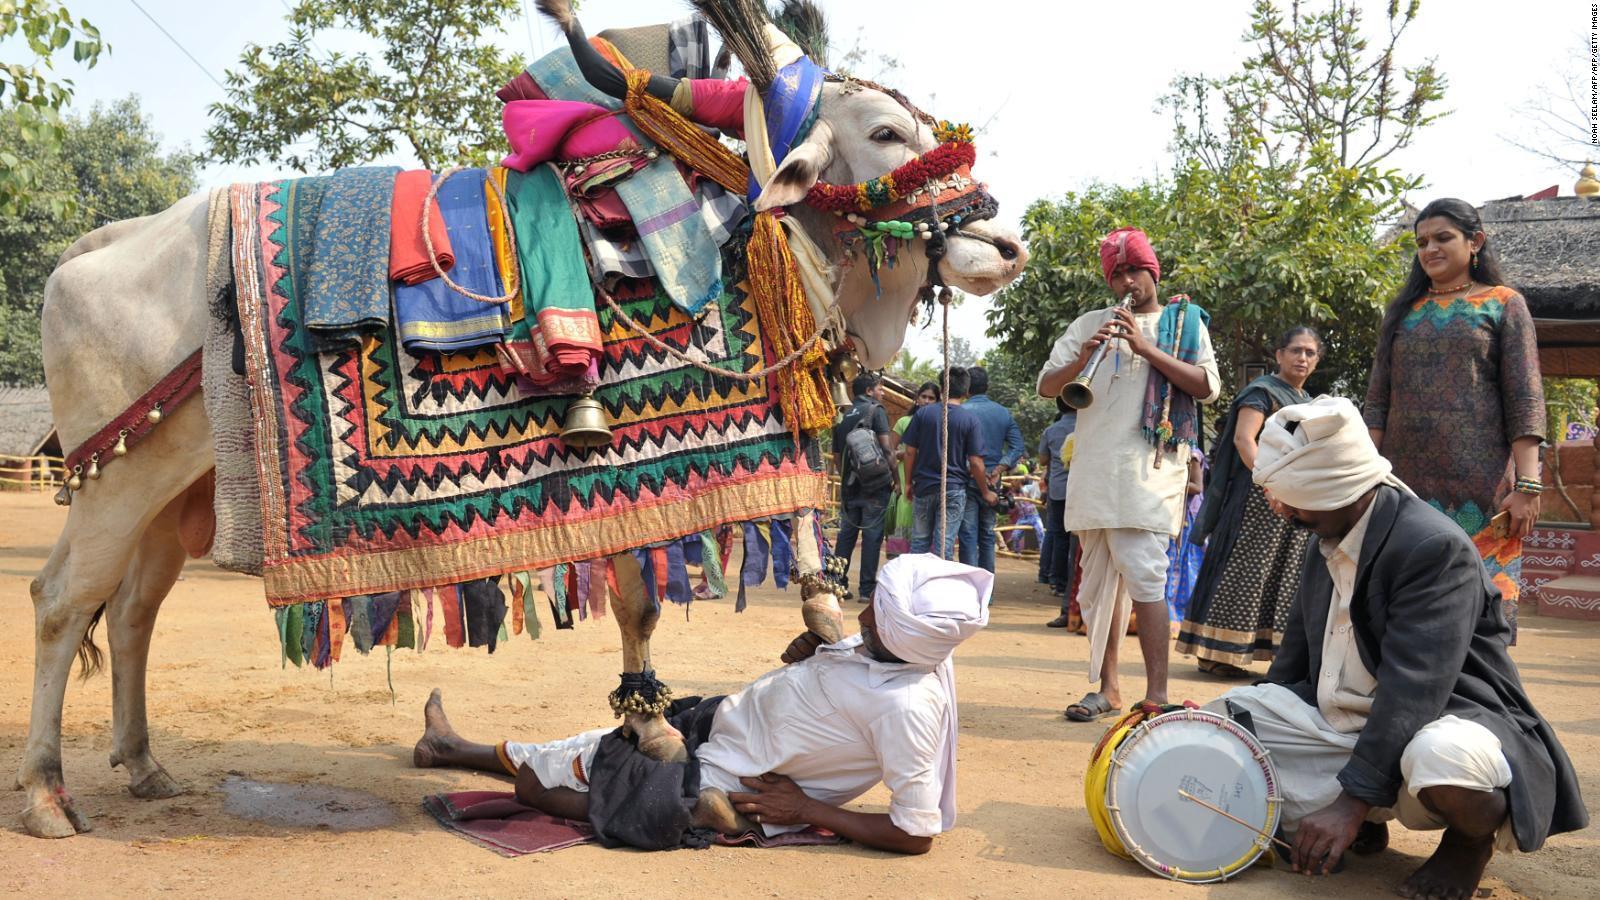 Cientos de indios se dejan atropellar por vacas para adorarlas https://t.co/QlA1oo0hgW https://t.co/pqrsZOx3ST